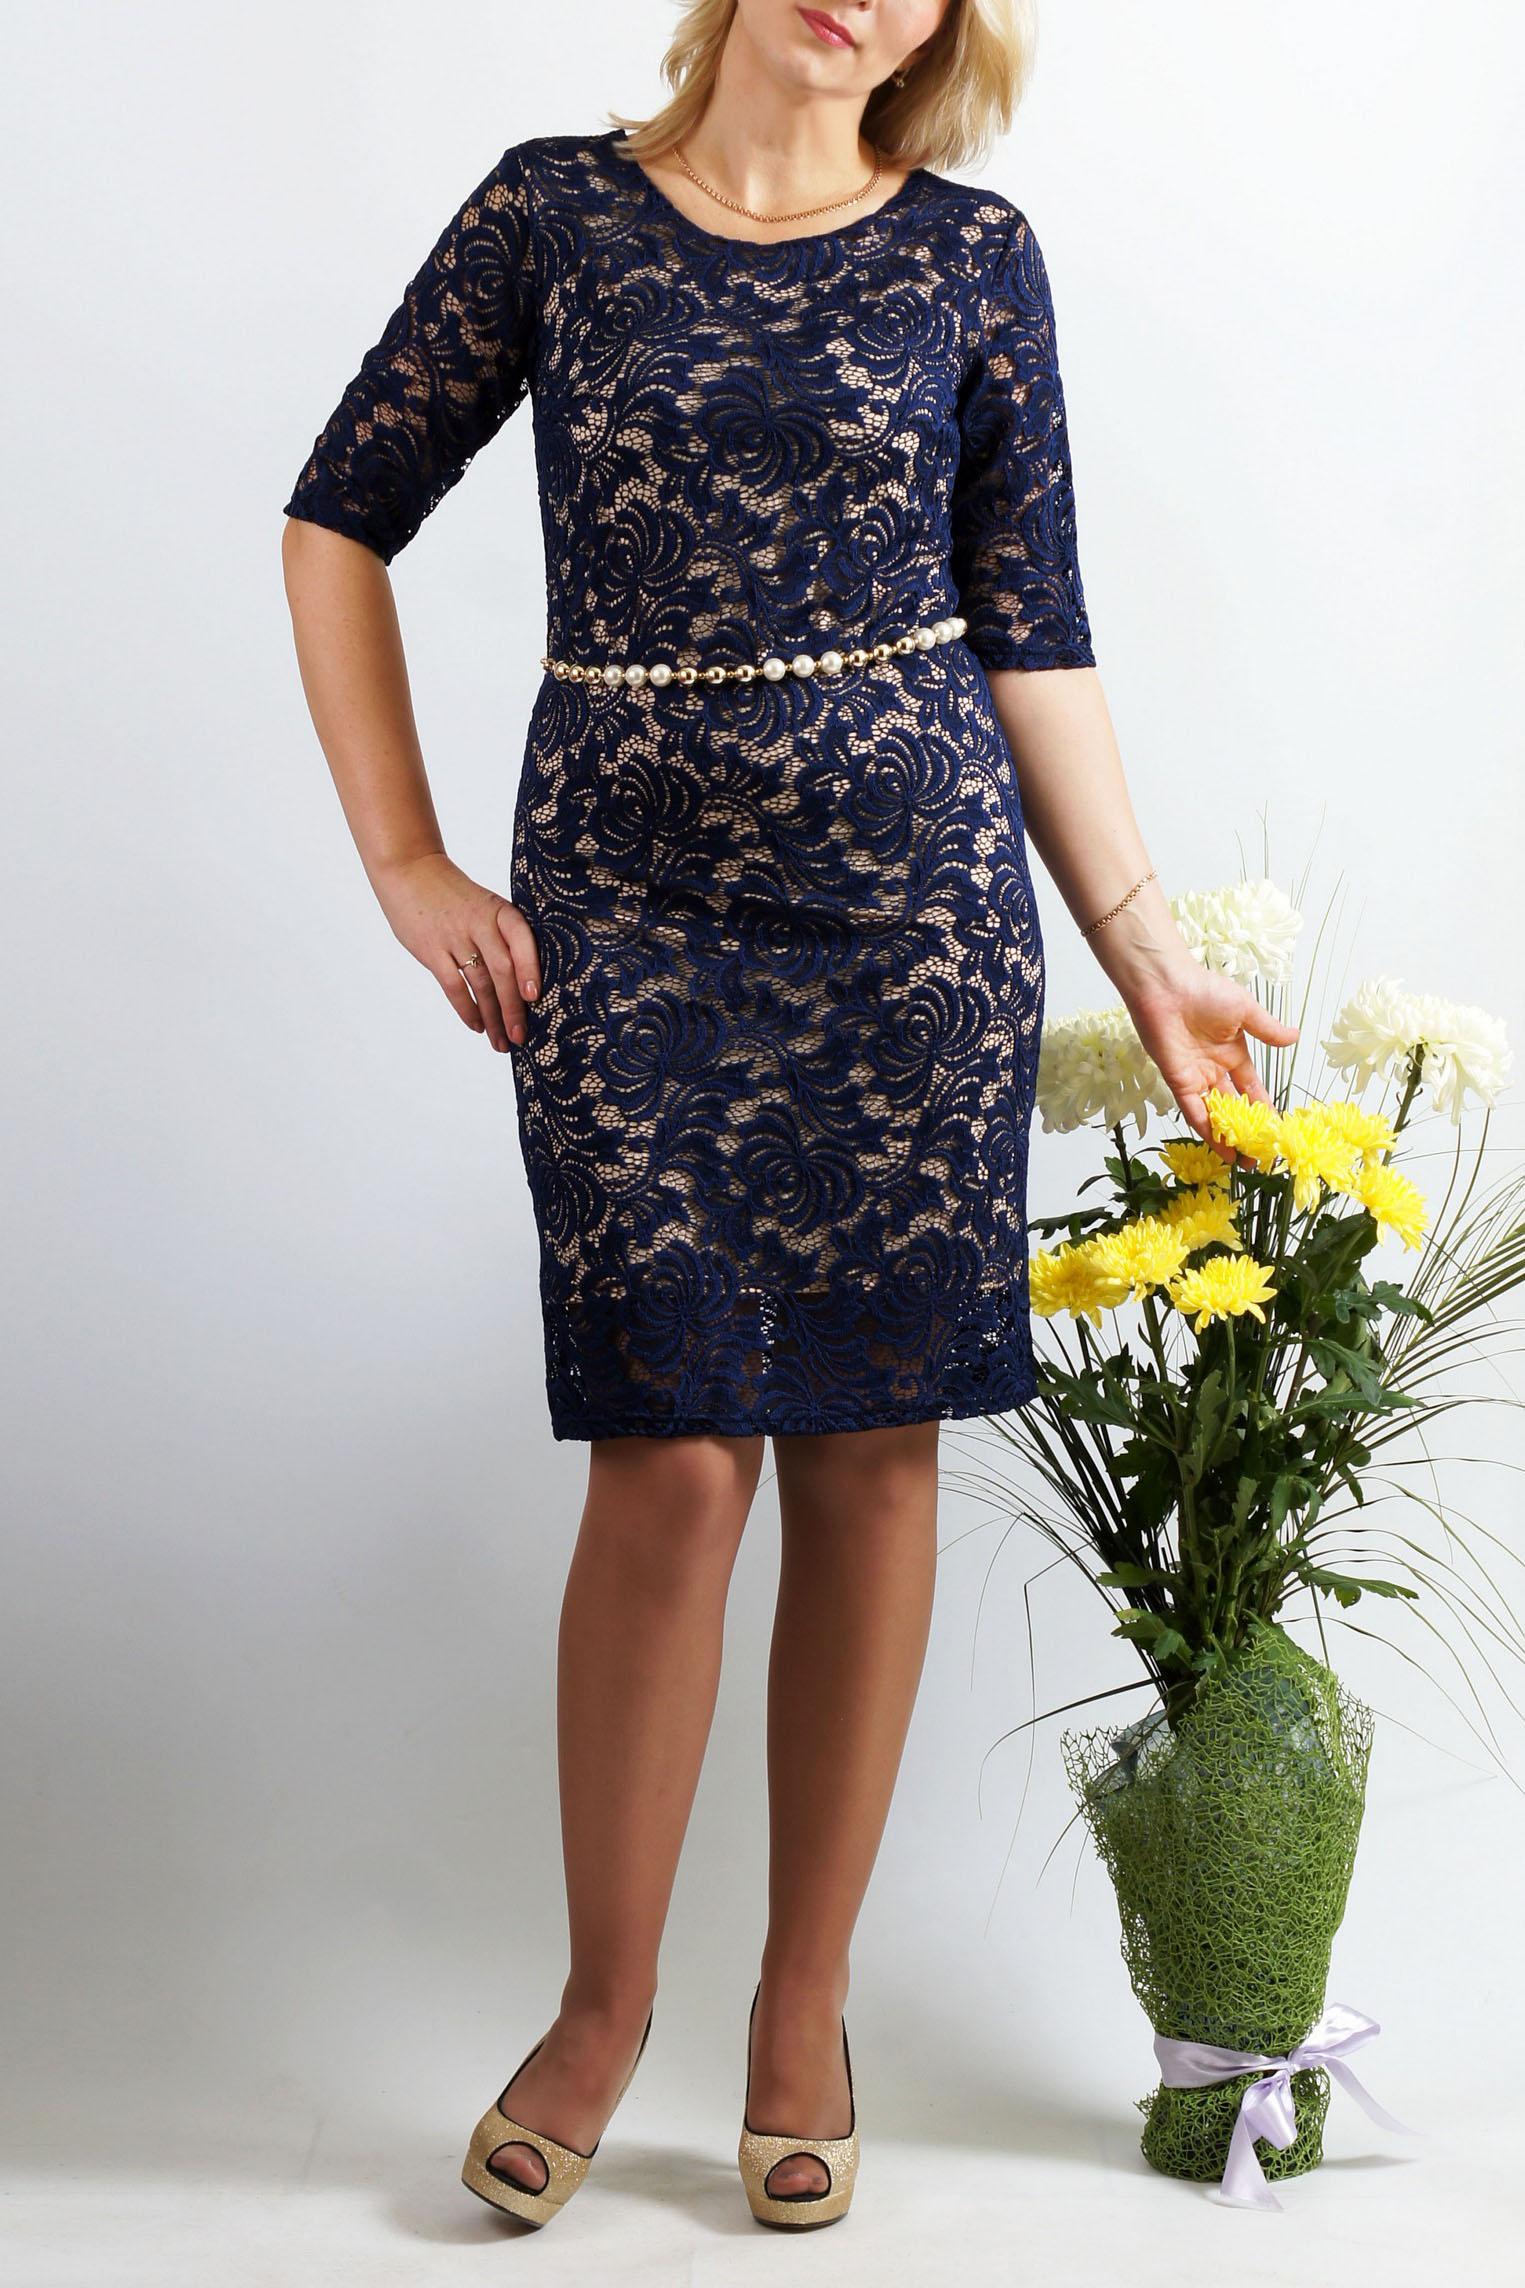 ПлатьеПлатья<br>Женственное платье облегающего покроя из высококачественного эластичного кружева. Эта двухслойная модель сформирует Ваш силуэт. Красивый цвет добавит изысканности и женственности в Ваш образ. Спереди нагрудные вытачки из бокового шва. Спинка со средним швом, без отличительных особенностей. Великолепный вырез горловины: округлый по переду и V-образный по спинке выгодно подчеркнет Вашу шею и грудь. Платье без пояса.  Платье на трикотажной подкладке.  Длина около 80 см.   Цвет: темно-синий  Параметры размеров: 42 размер - обхват груди 84 см., обхват талии 64 см., обхват бедер 92 см. 44 размер - обхват груди 88 см., обхват талии 68 см., обхват бедер 96 см. 46 размер - обхват груди 92 см., обхват талии 72 см., обхват бедер 100 см. 48 размер - обхват груди 96 см., обхват талии 76 см., обхват бедер 104 см. 50 размер - обхват груди 100 см., обхват талии 80 см., обхват бедер 108 см. 52 размер - обхват груди 104 см., обхват талии 85 см., обхват бедер 112 см. 54 размер - обхват груди 108 см., обхват талии 89 см., обхват бедер 116 см. 56 размер - обхват груди 112 см., обхват талии 94 см., обхват бедер 120 см. 58 размер - обхват груди 116 см., обхват талии 100 см., обхват бедер 124 см.  Ростовка изделия 167-173 см.<br><br>Горловина: С- горловина<br>По длине: До колена<br>По материалу: Гипюр,Трикотаж<br>По рисунку: Однотонные<br>По сезону: Весна,Зима,Лето,Осень,Всесезон<br>По силуэту: Приталенные<br>По стилю: Нарядный стиль,Вечерний стиль<br>По форме: Платье - футляр<br>По элементам: С подкладом<br>Рукав: Рукав три четверти<br>Размер : 46,48,50,54<br>Материал: Холодное масло + Гипюр<br>Количество в наличии: 4